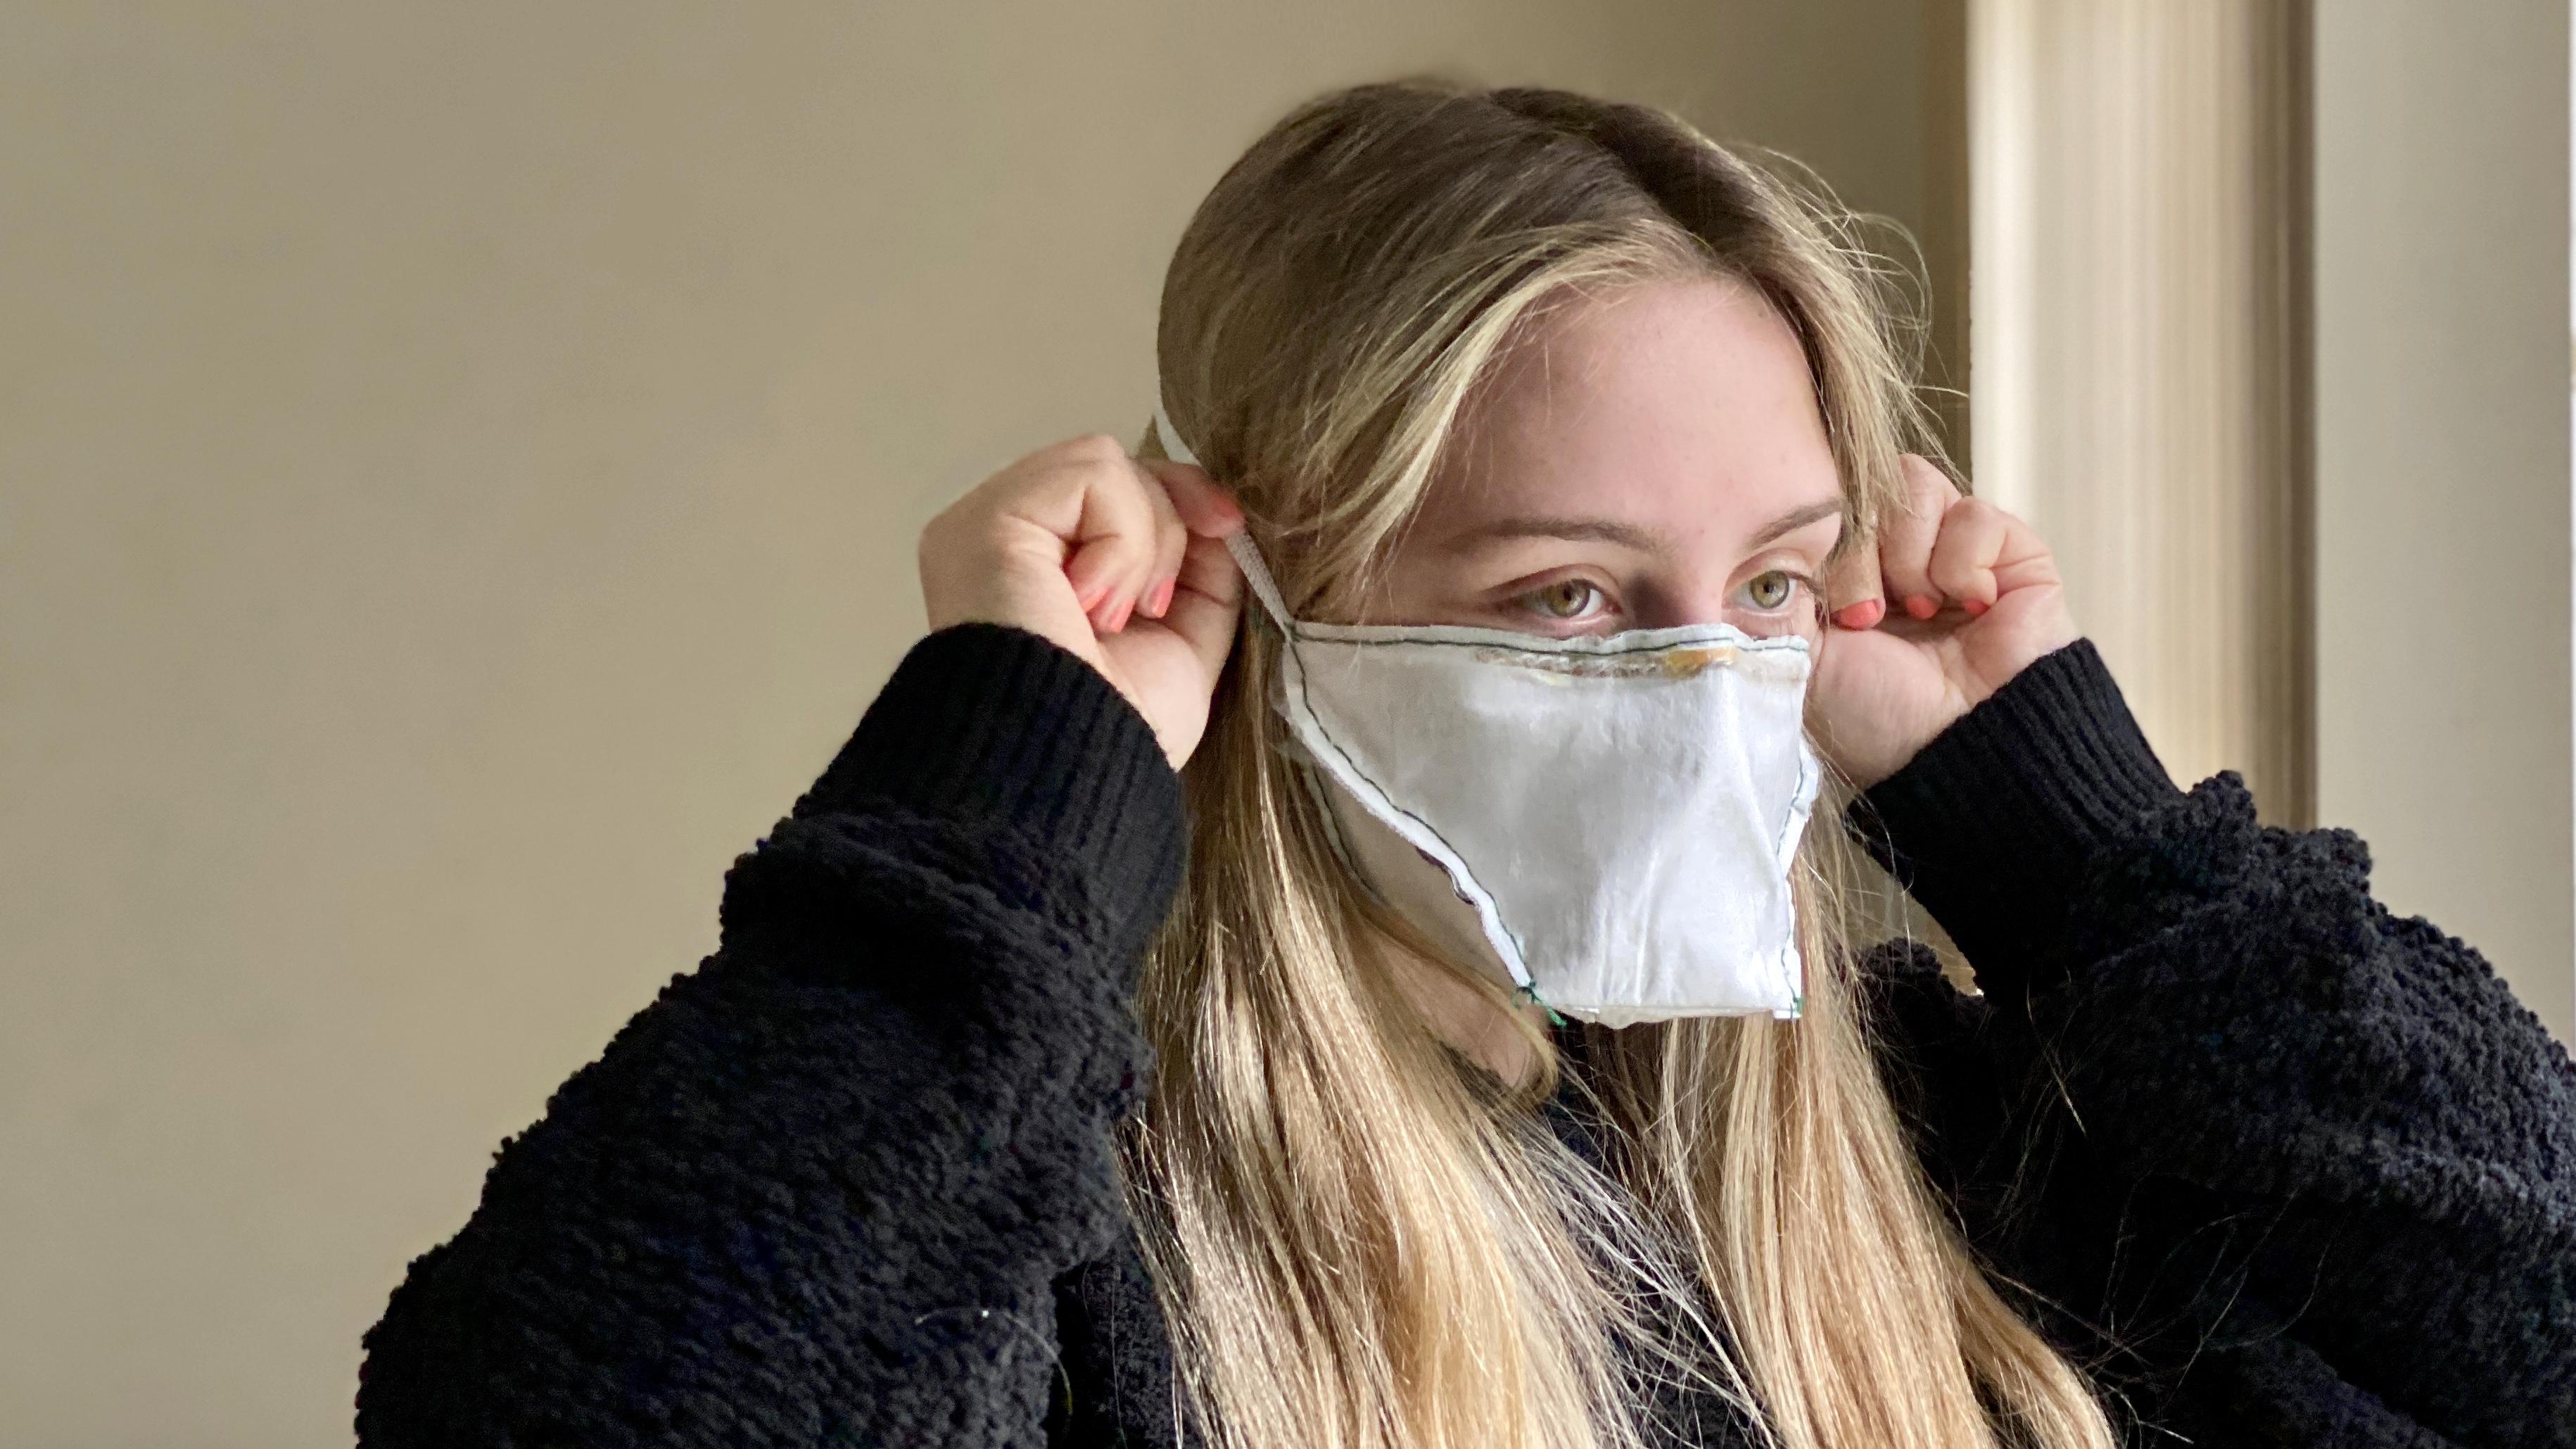 Cómo hacer una mascarilla facial sin costuras en casa